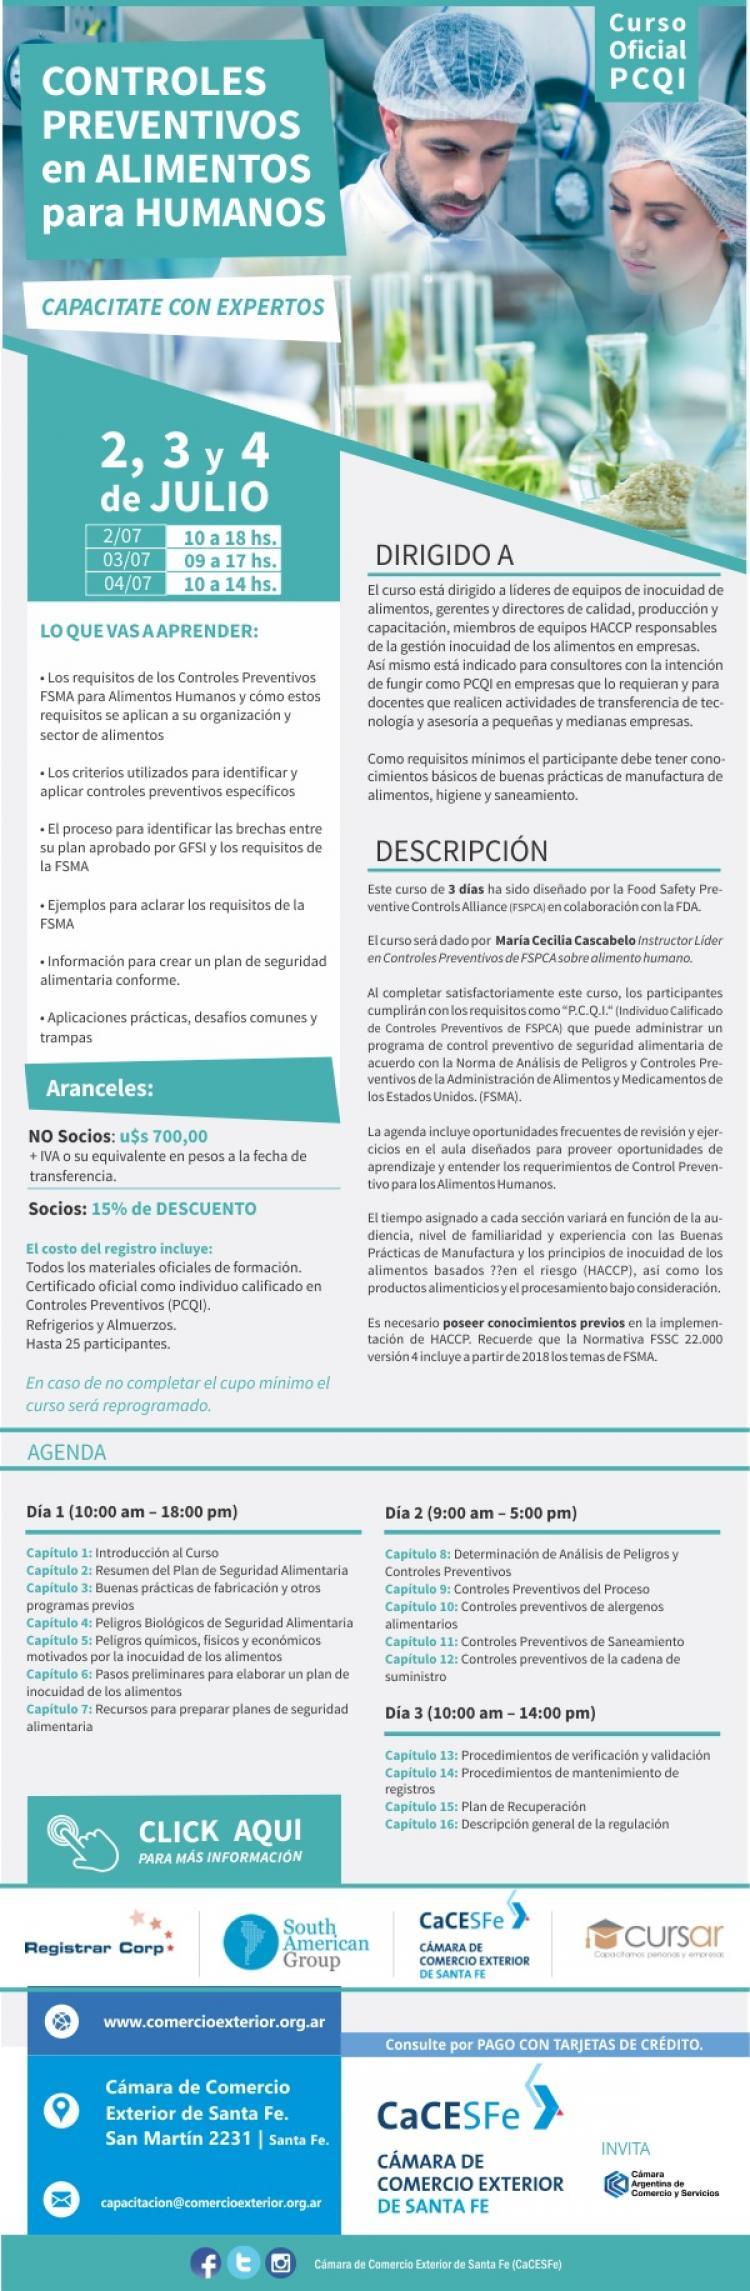 Curso-Oficial PCQI (Controles Preventivos en Alimentos para Humanos)